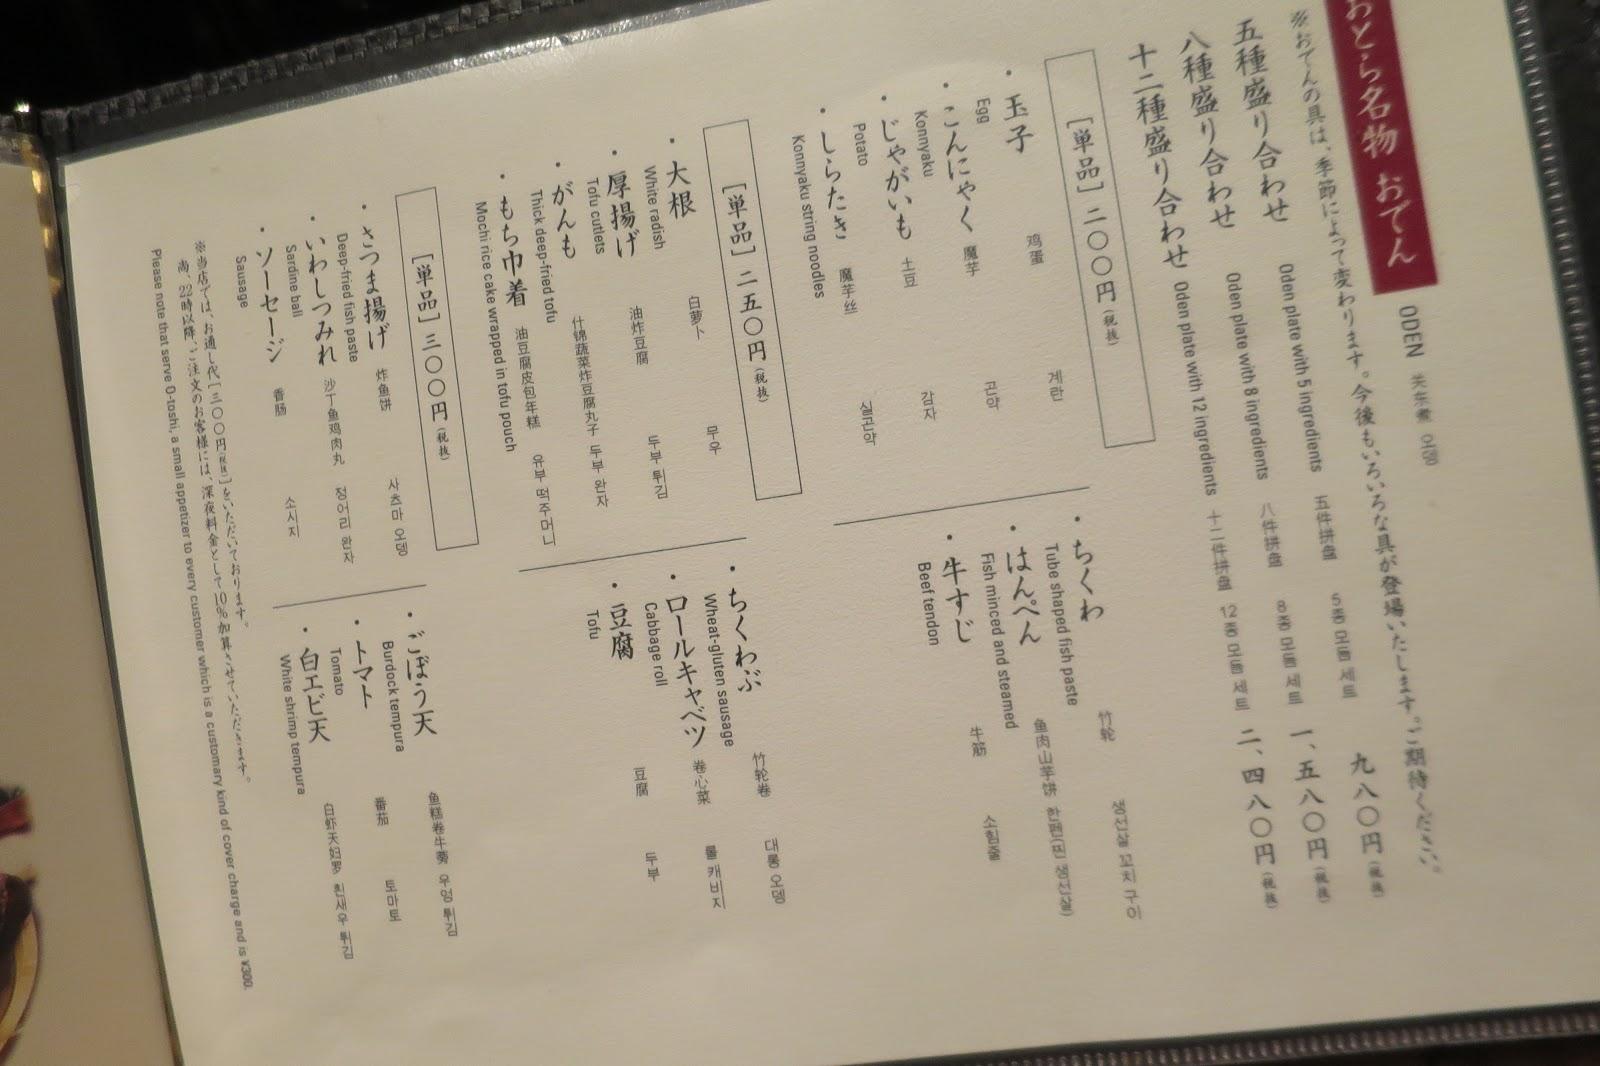 Tokyo Belly: NISHIAZABU: Otora Udon Restaurant. Walked past many ...